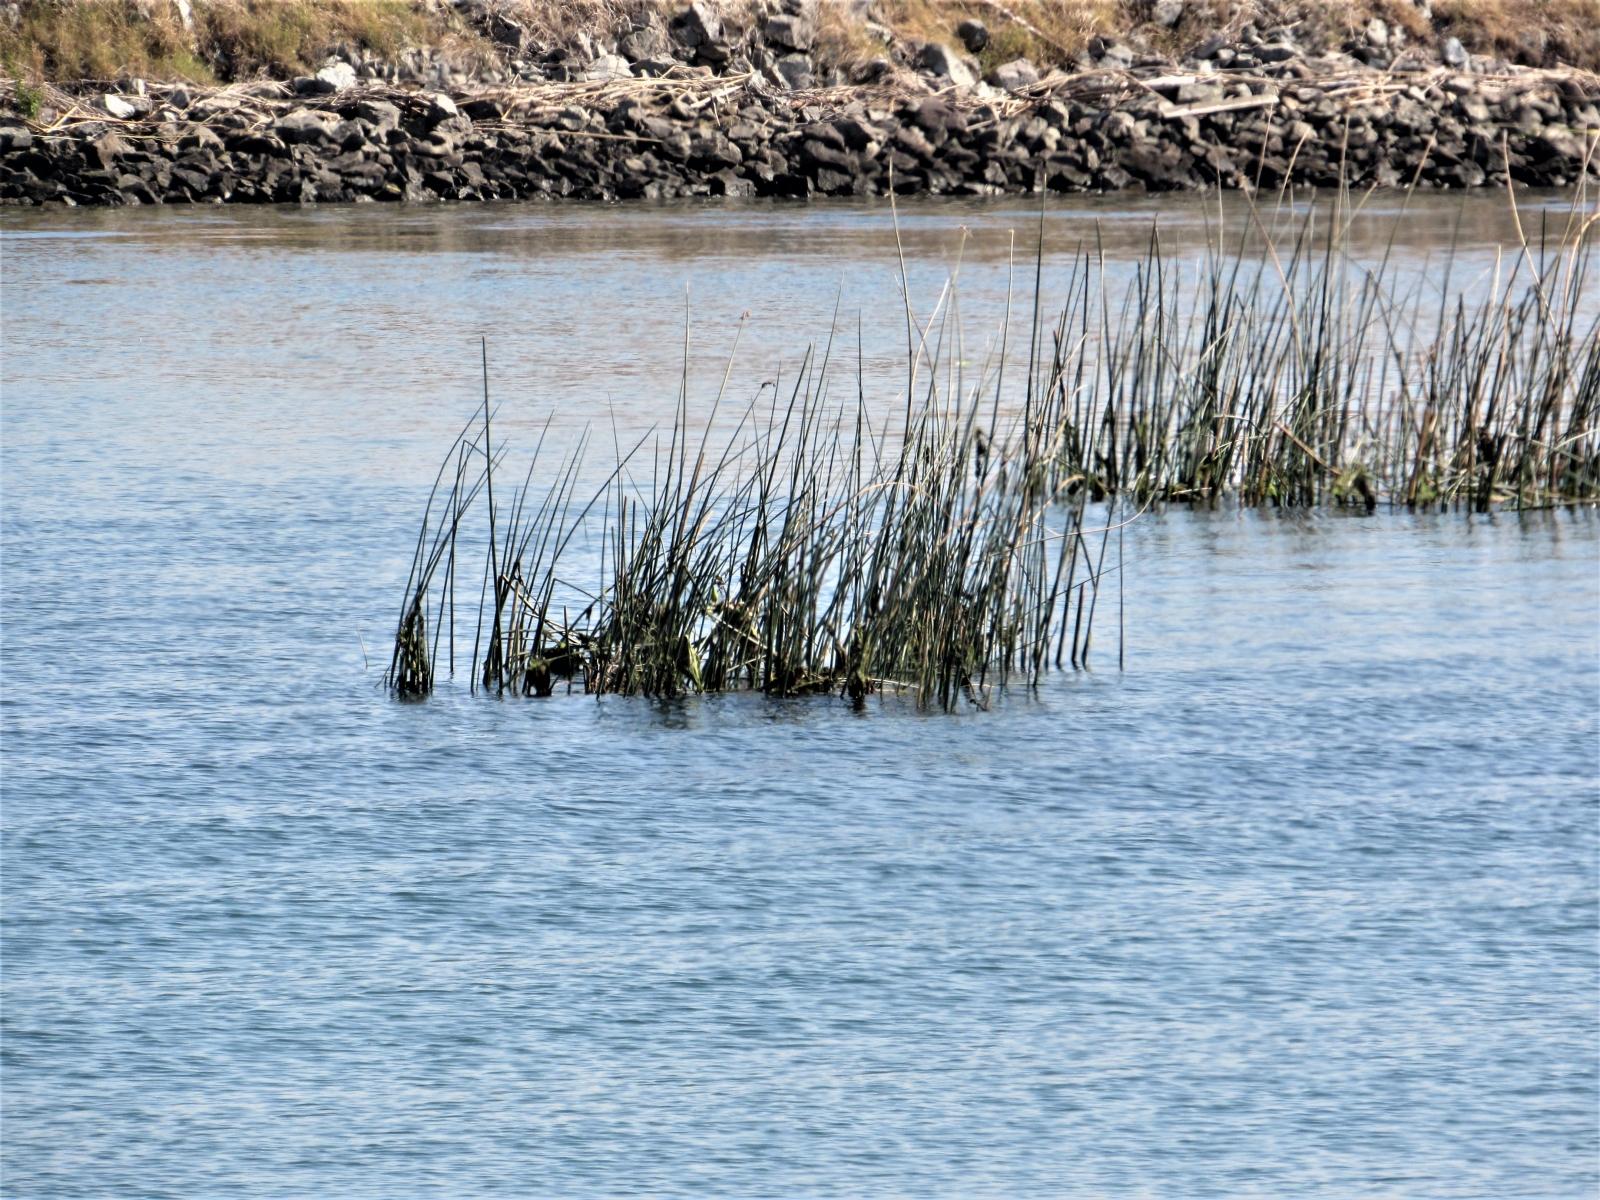 River-grass